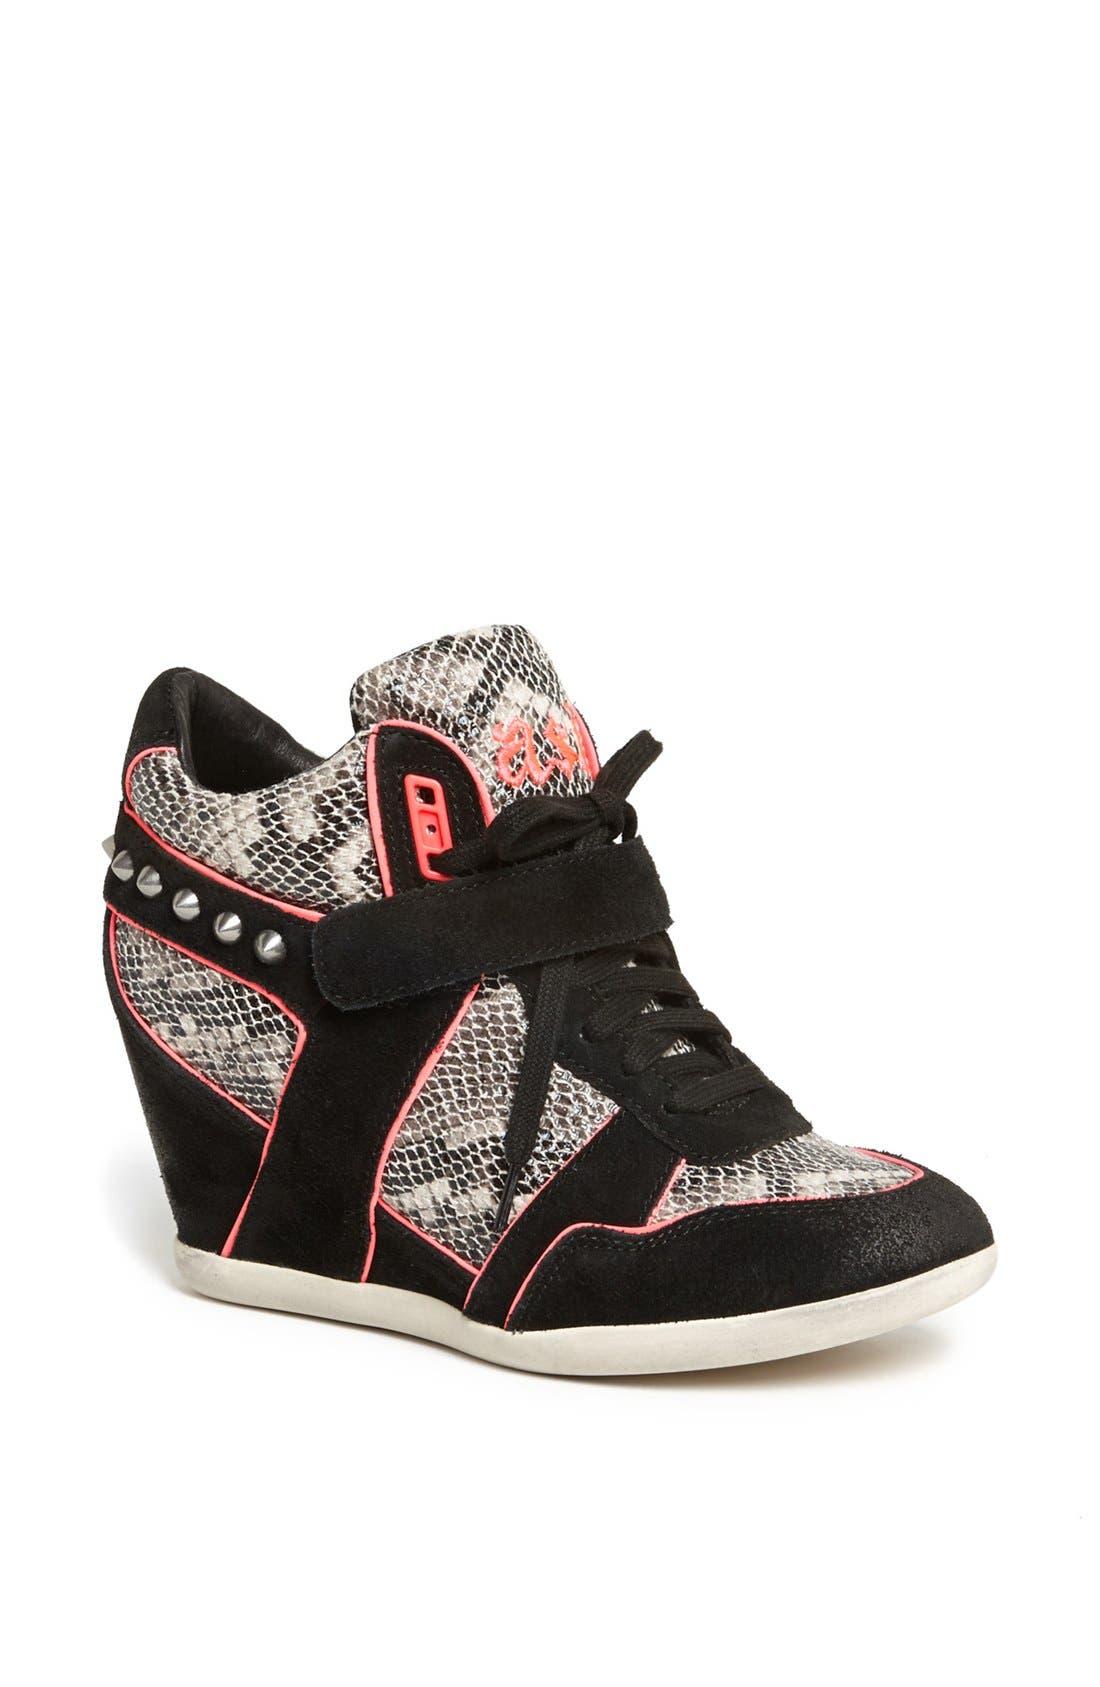 Alternate Image 1 Selected - Ash 'Bisou' Spike Studded Hidden Wedge Sneaker